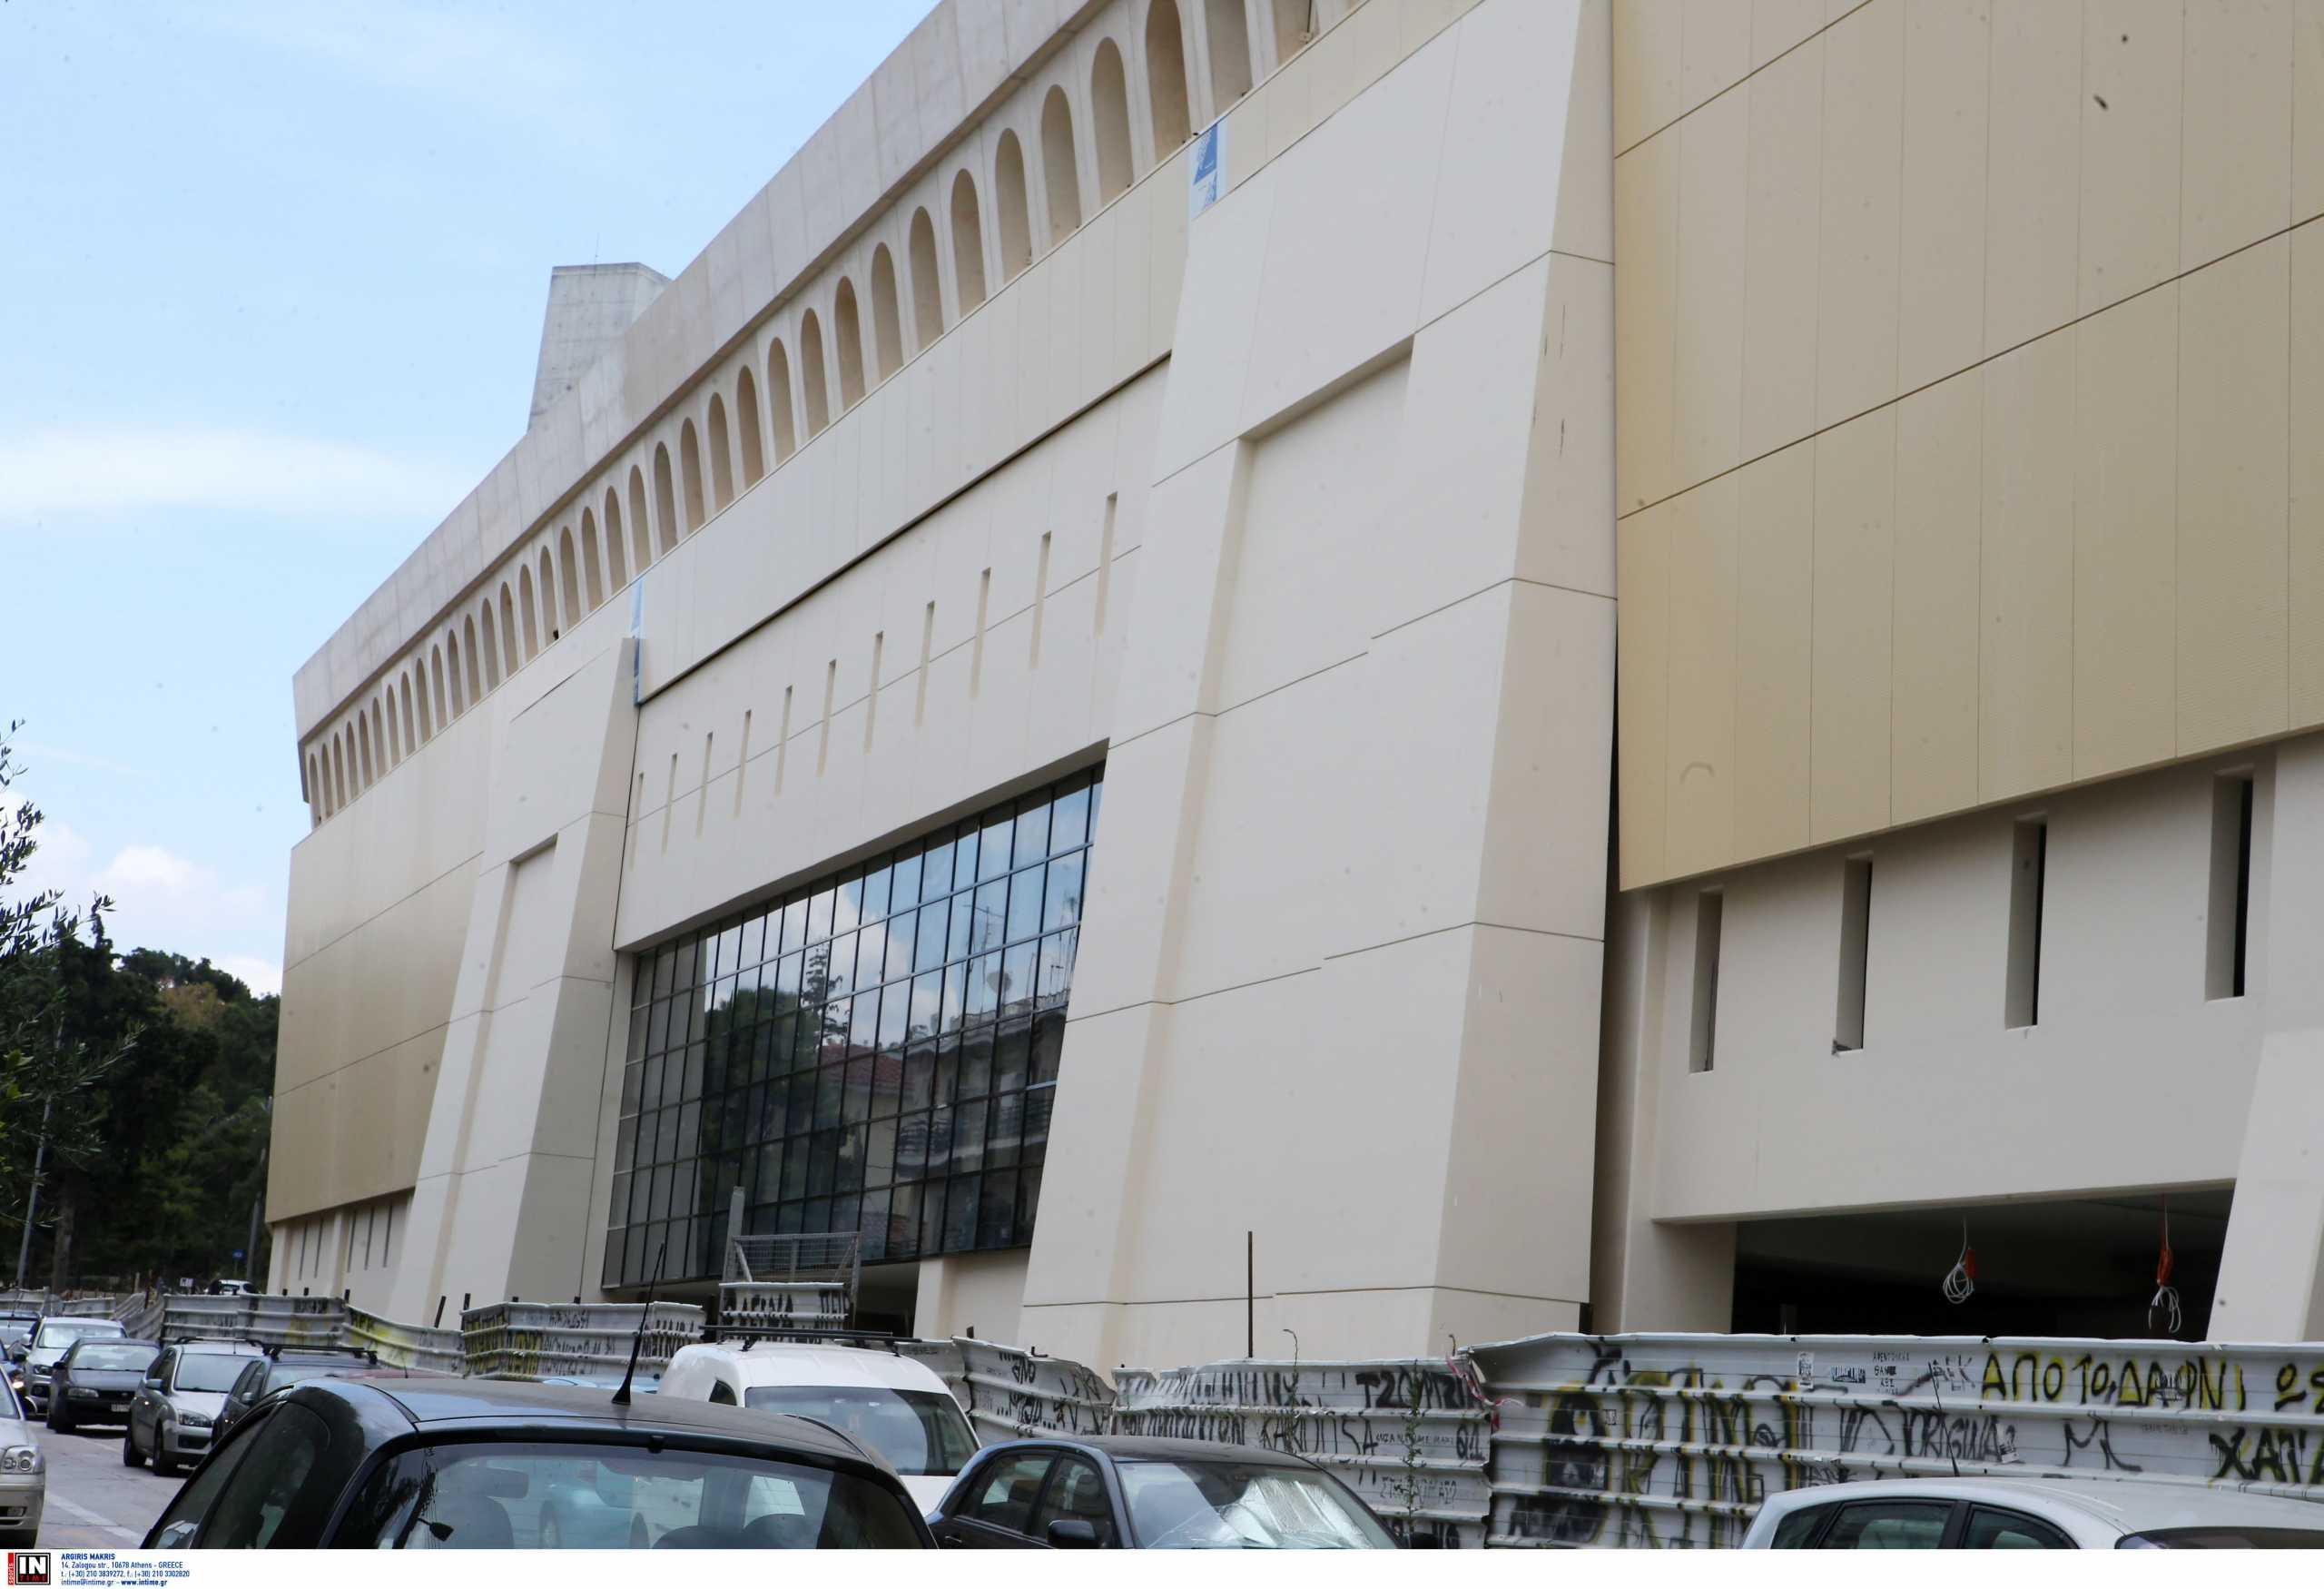 Γήπεδο ΑΕΚ: Αποκαλύπτονται οι κυλιόμενες σκάλες στην «Αγιά Σοφιά – OPAP ARENA»